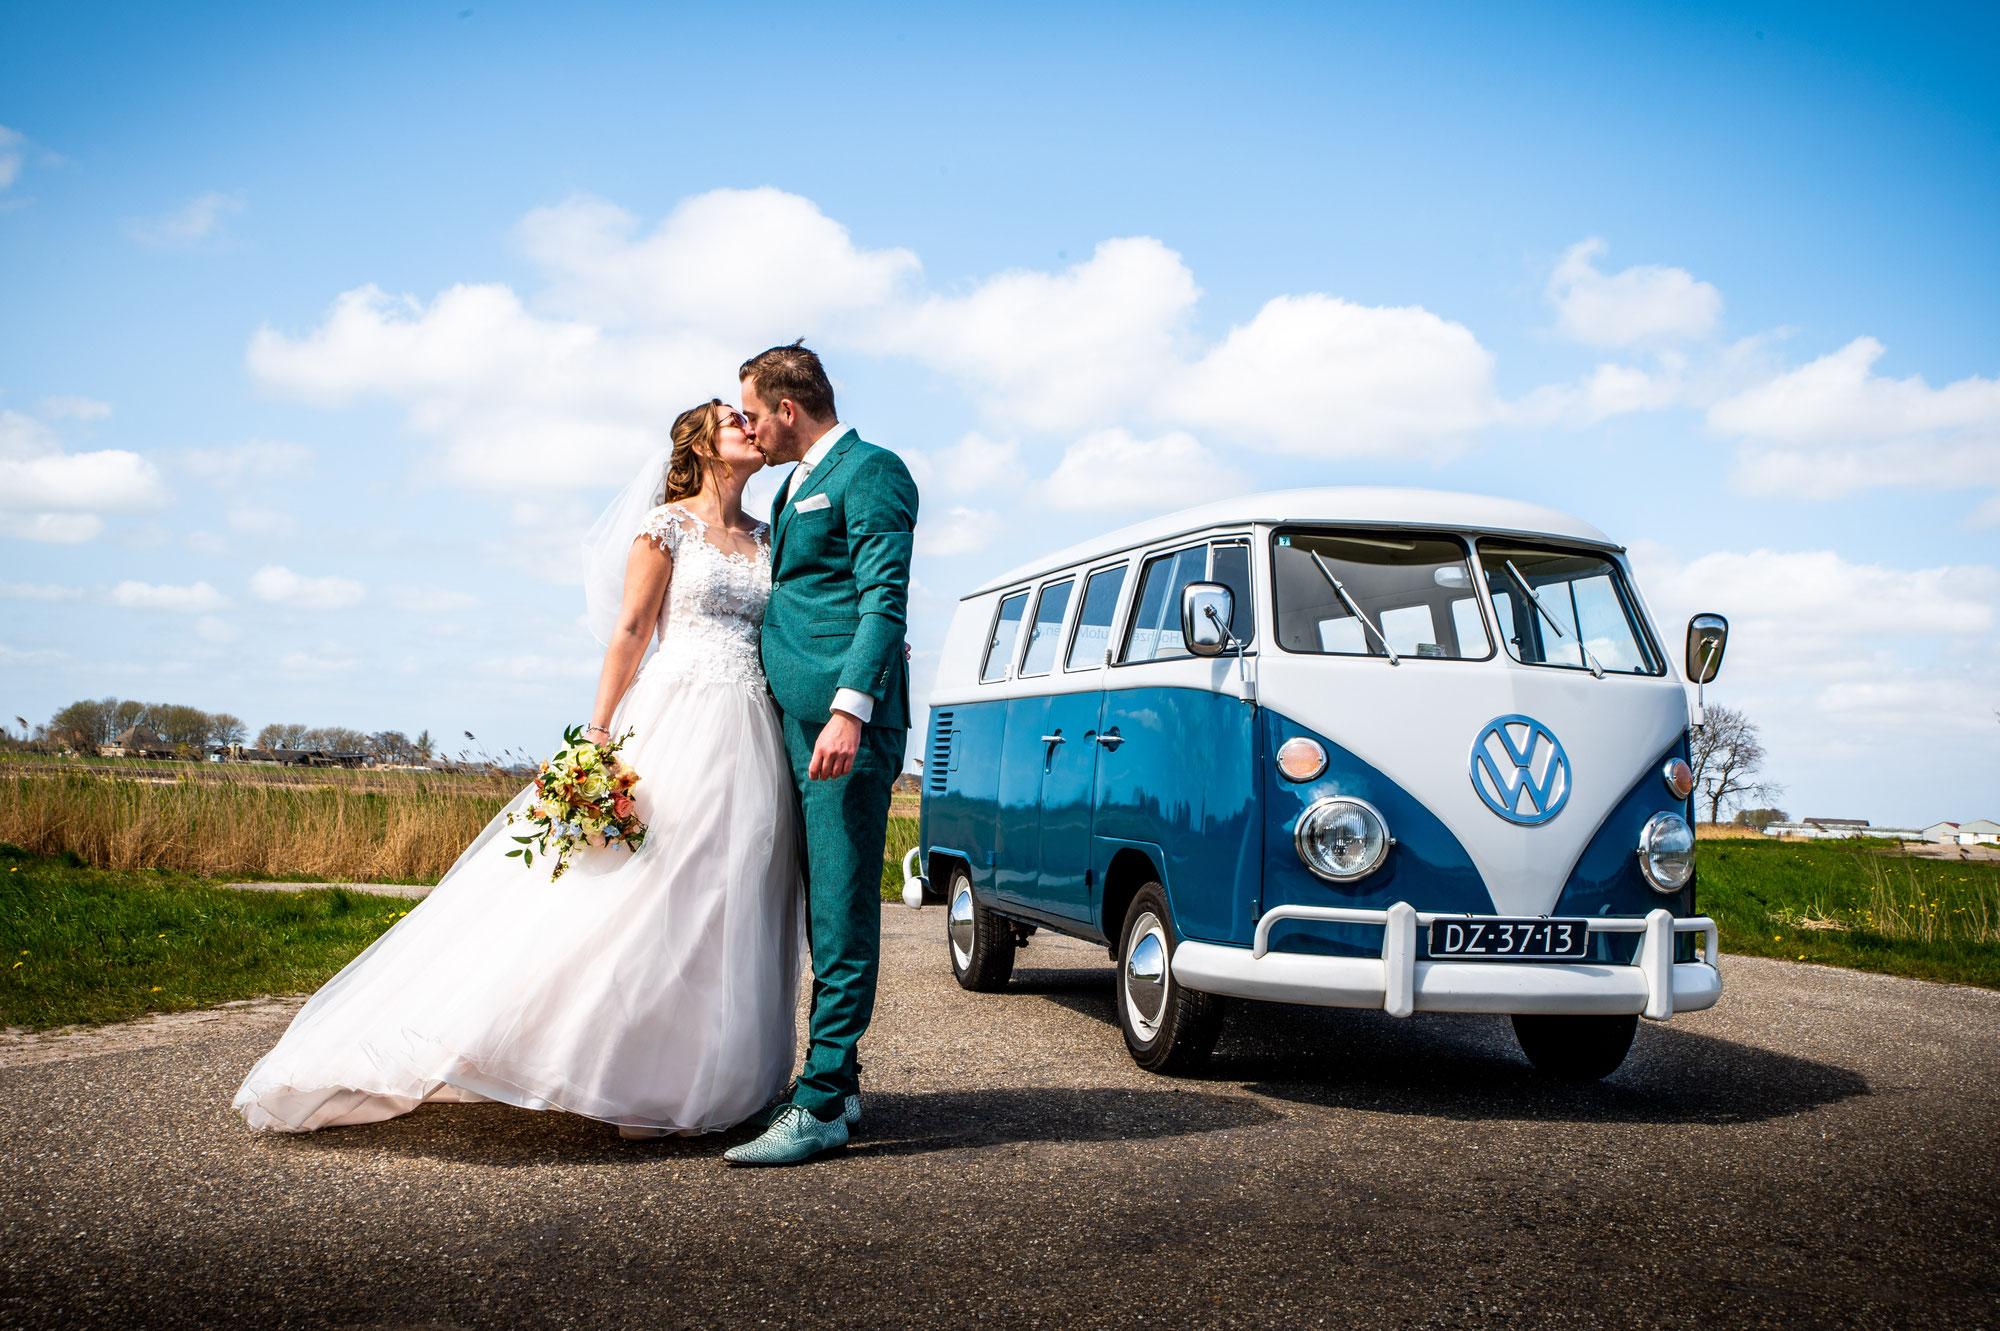 Corali Photography, trouwfotografie in Hauwert (Noord-Holland)